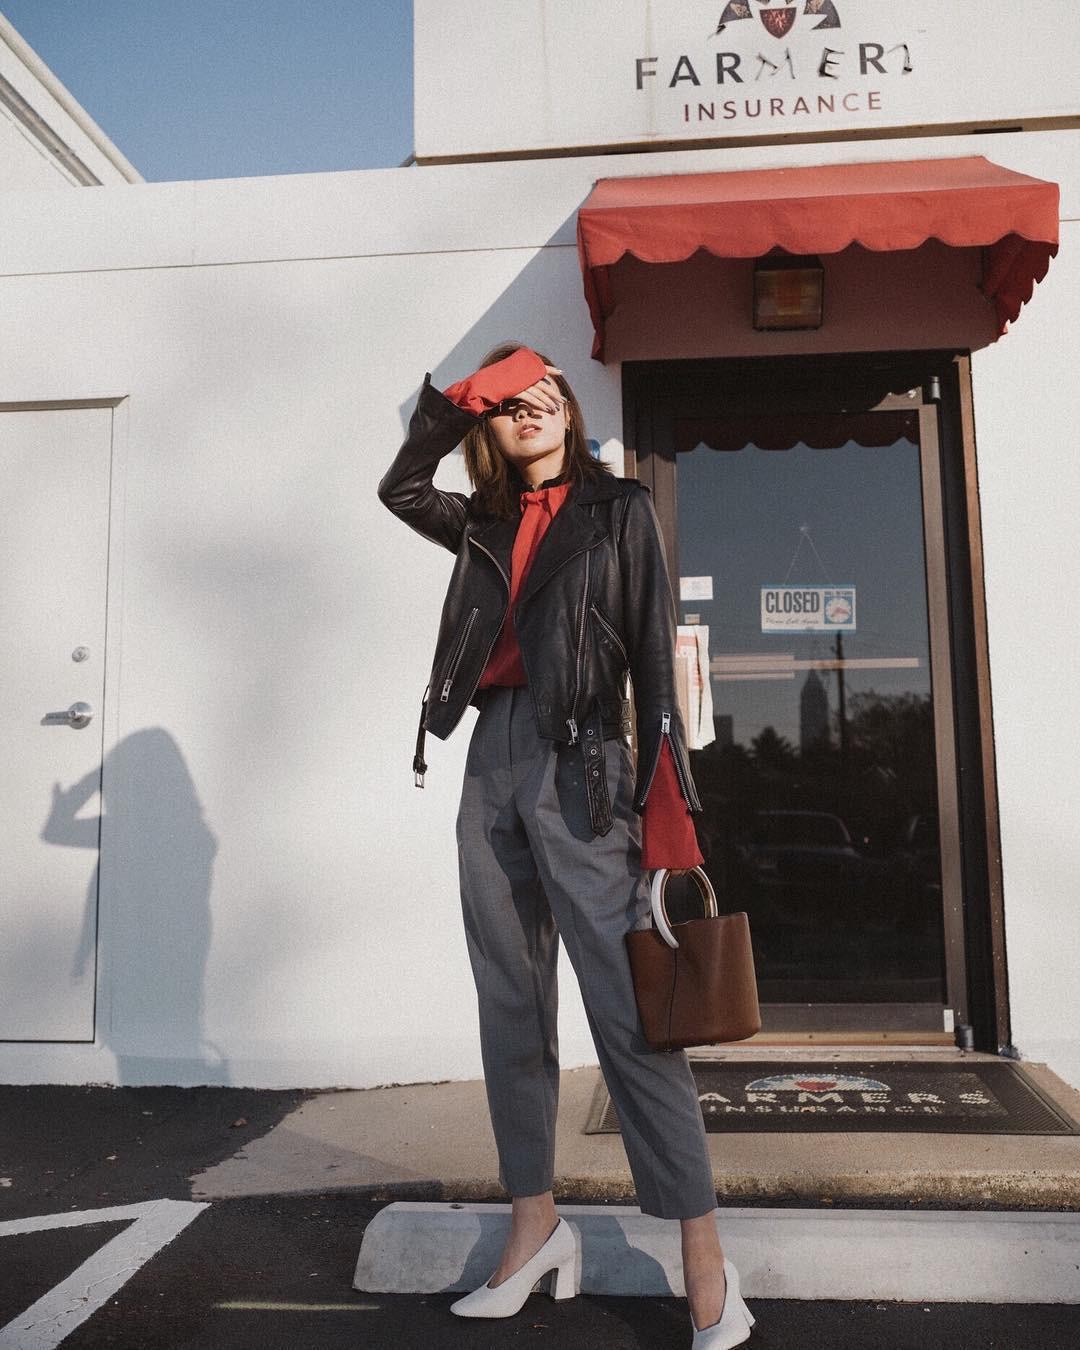 Mách bạn cách mặc đồ: Chọn được áo khoác hợp dáng người sẽ quyết định 80% bộ đồ đẹp - Ảnh 1.